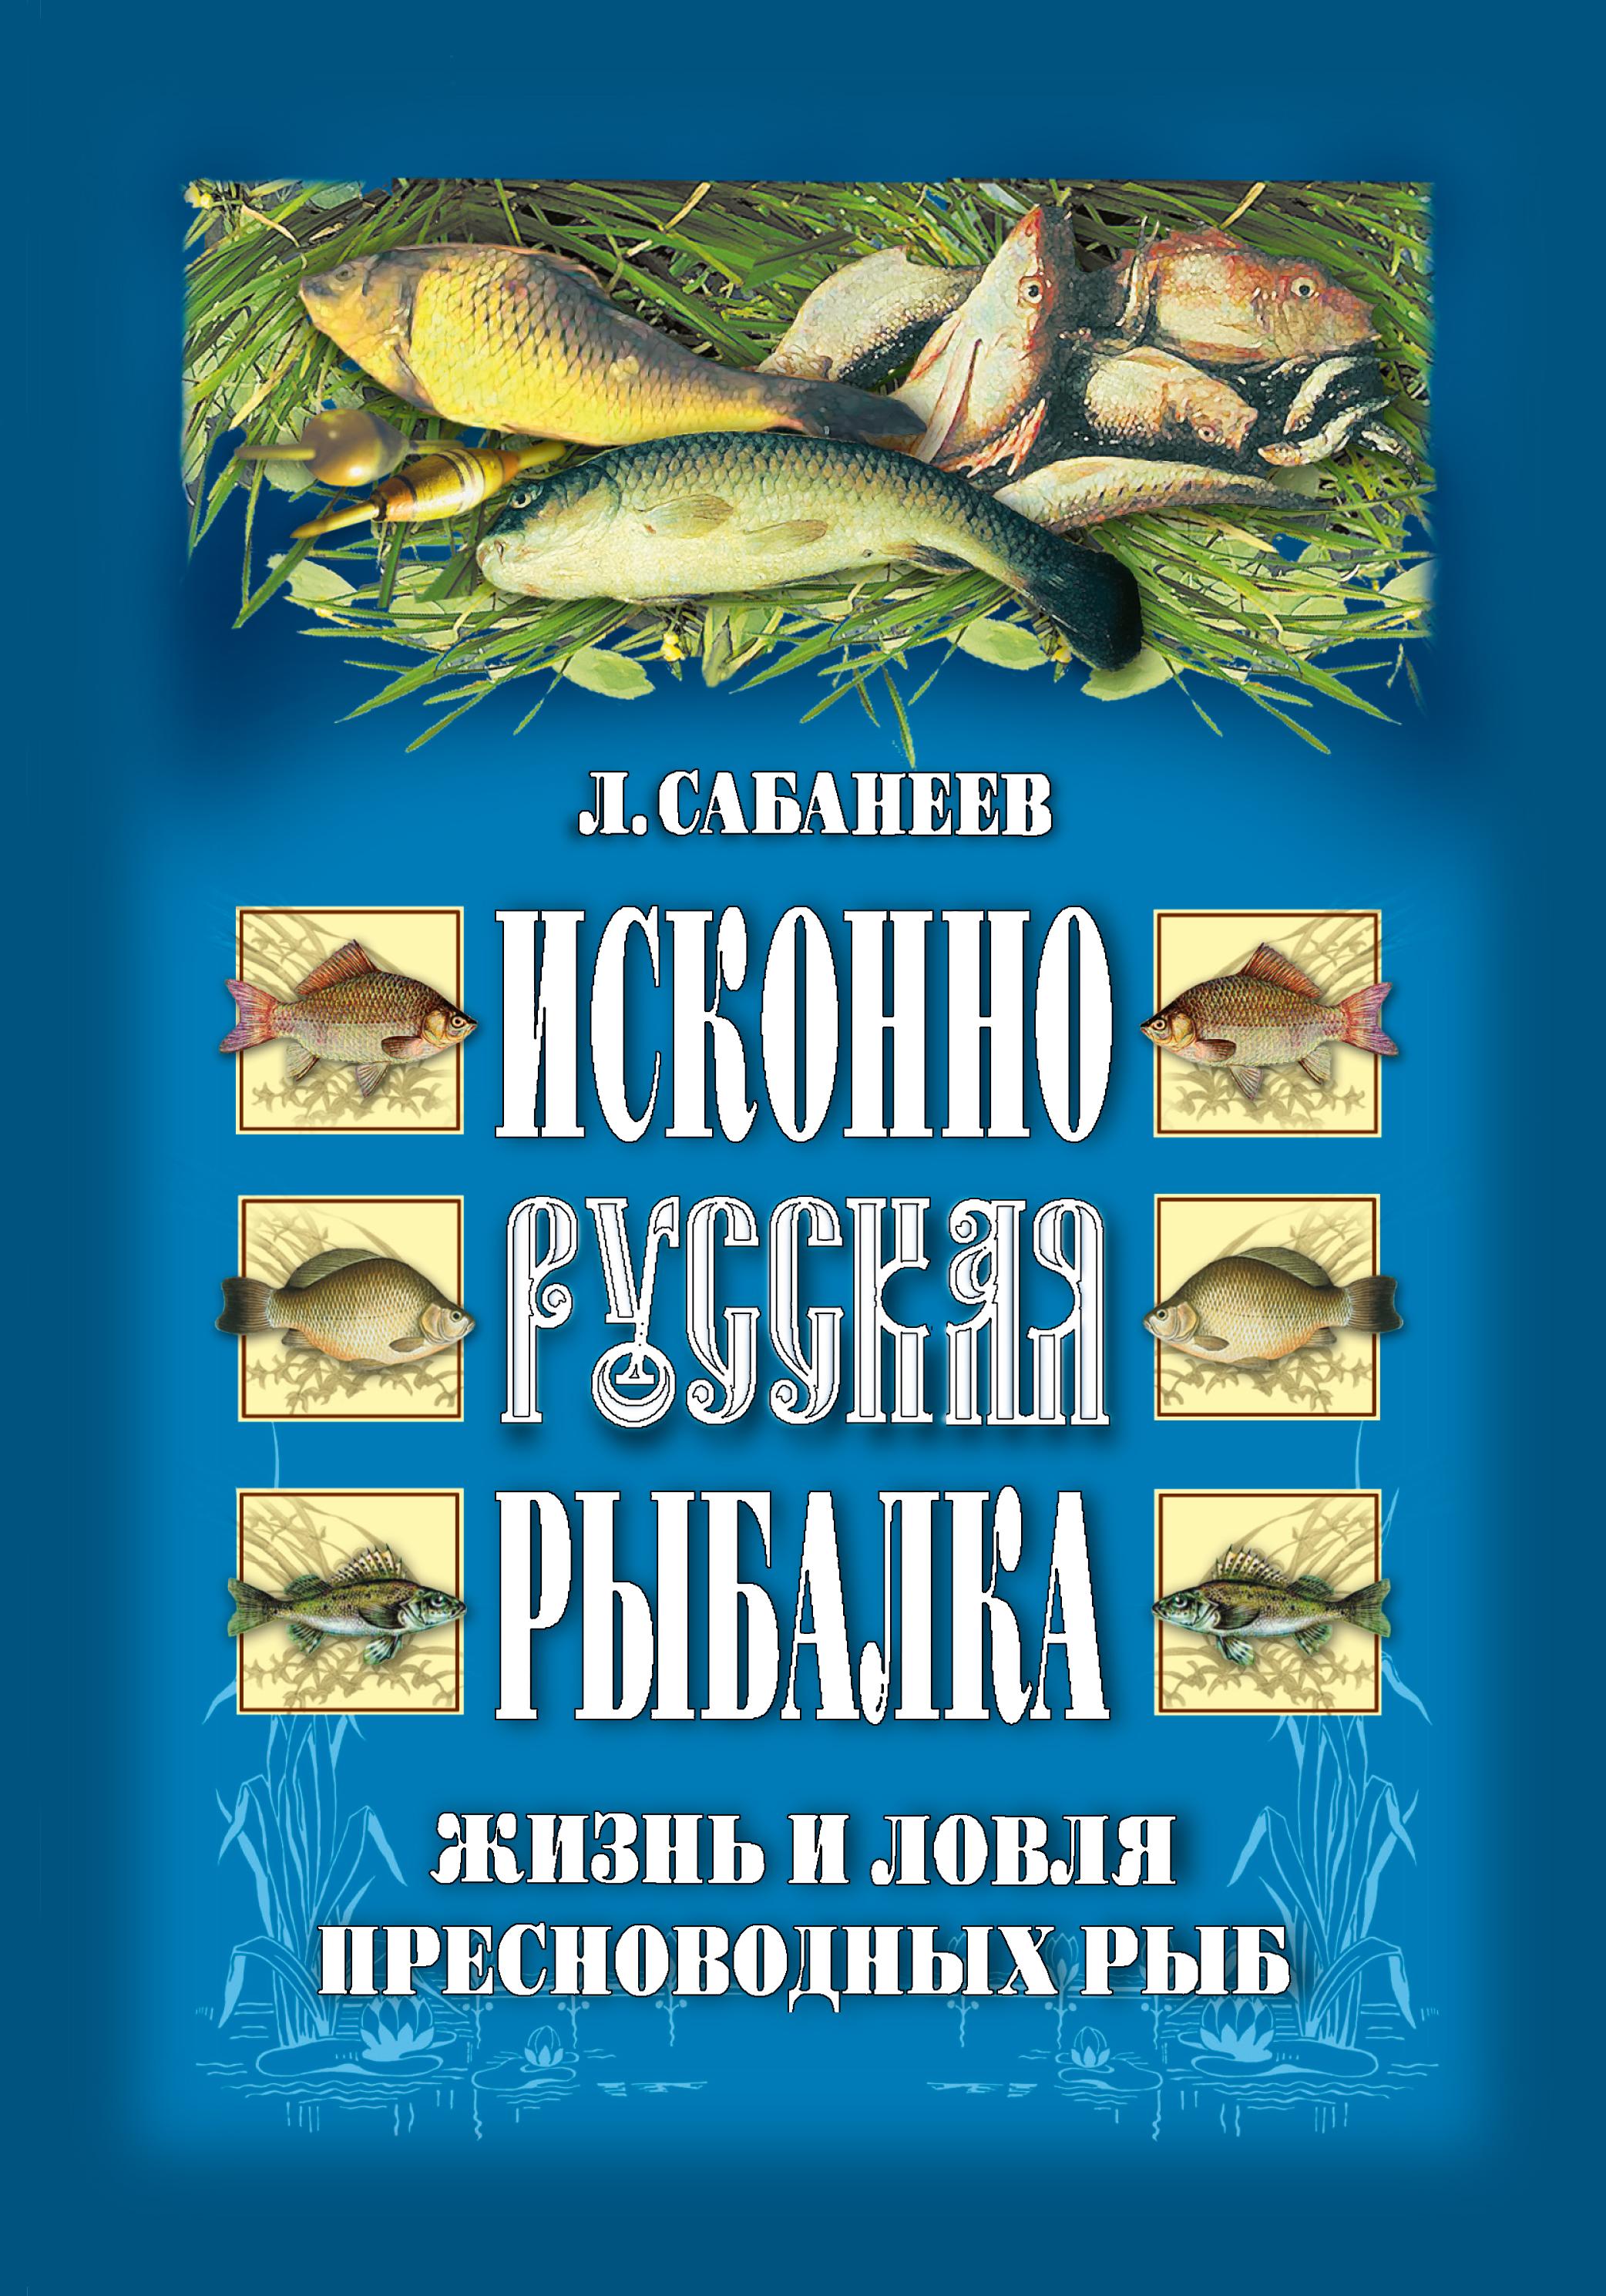 Леонид Сабанеев Исконно русская рыбалка: Жизнь и ловля пресноводных рыб сабанеев леонид павлович жизнь и ловля пресноводных рыб isbn 978 5 699 21128 9